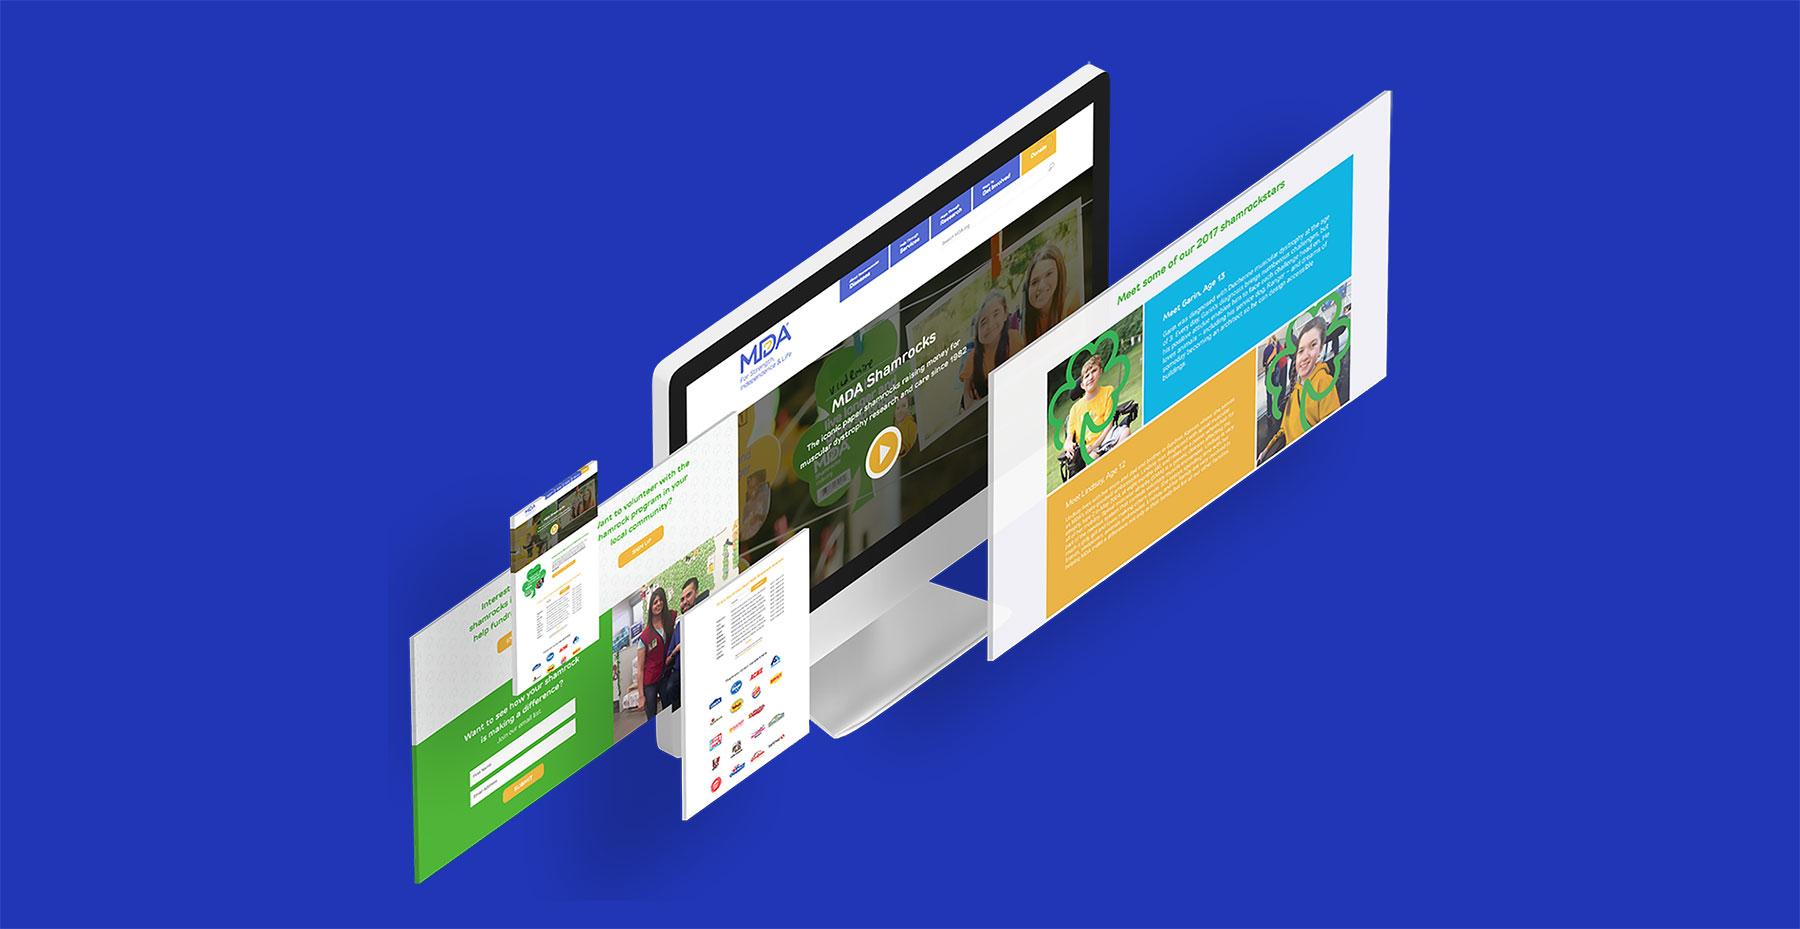 MDA website examples